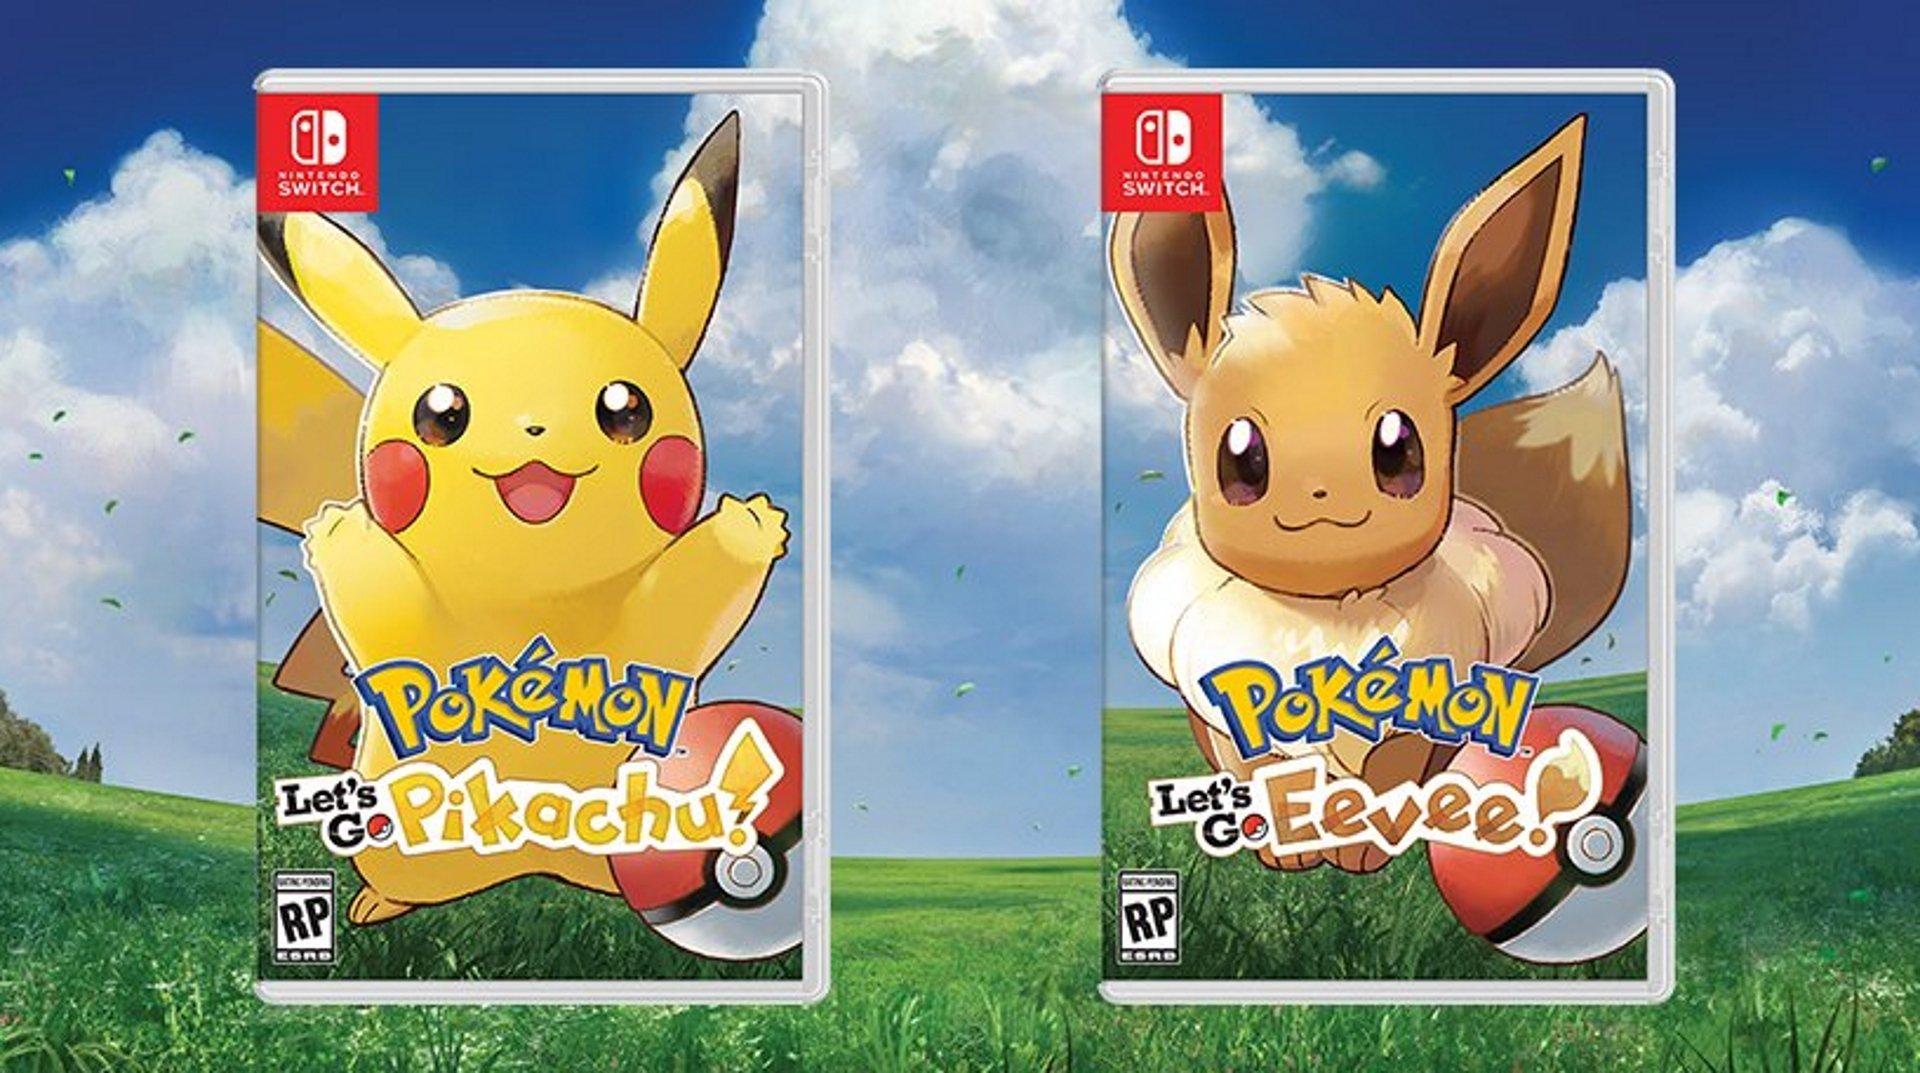 Nintendo annonce trois nouveaux jeux Pokémon dont Pokémon Let's Go on Switch